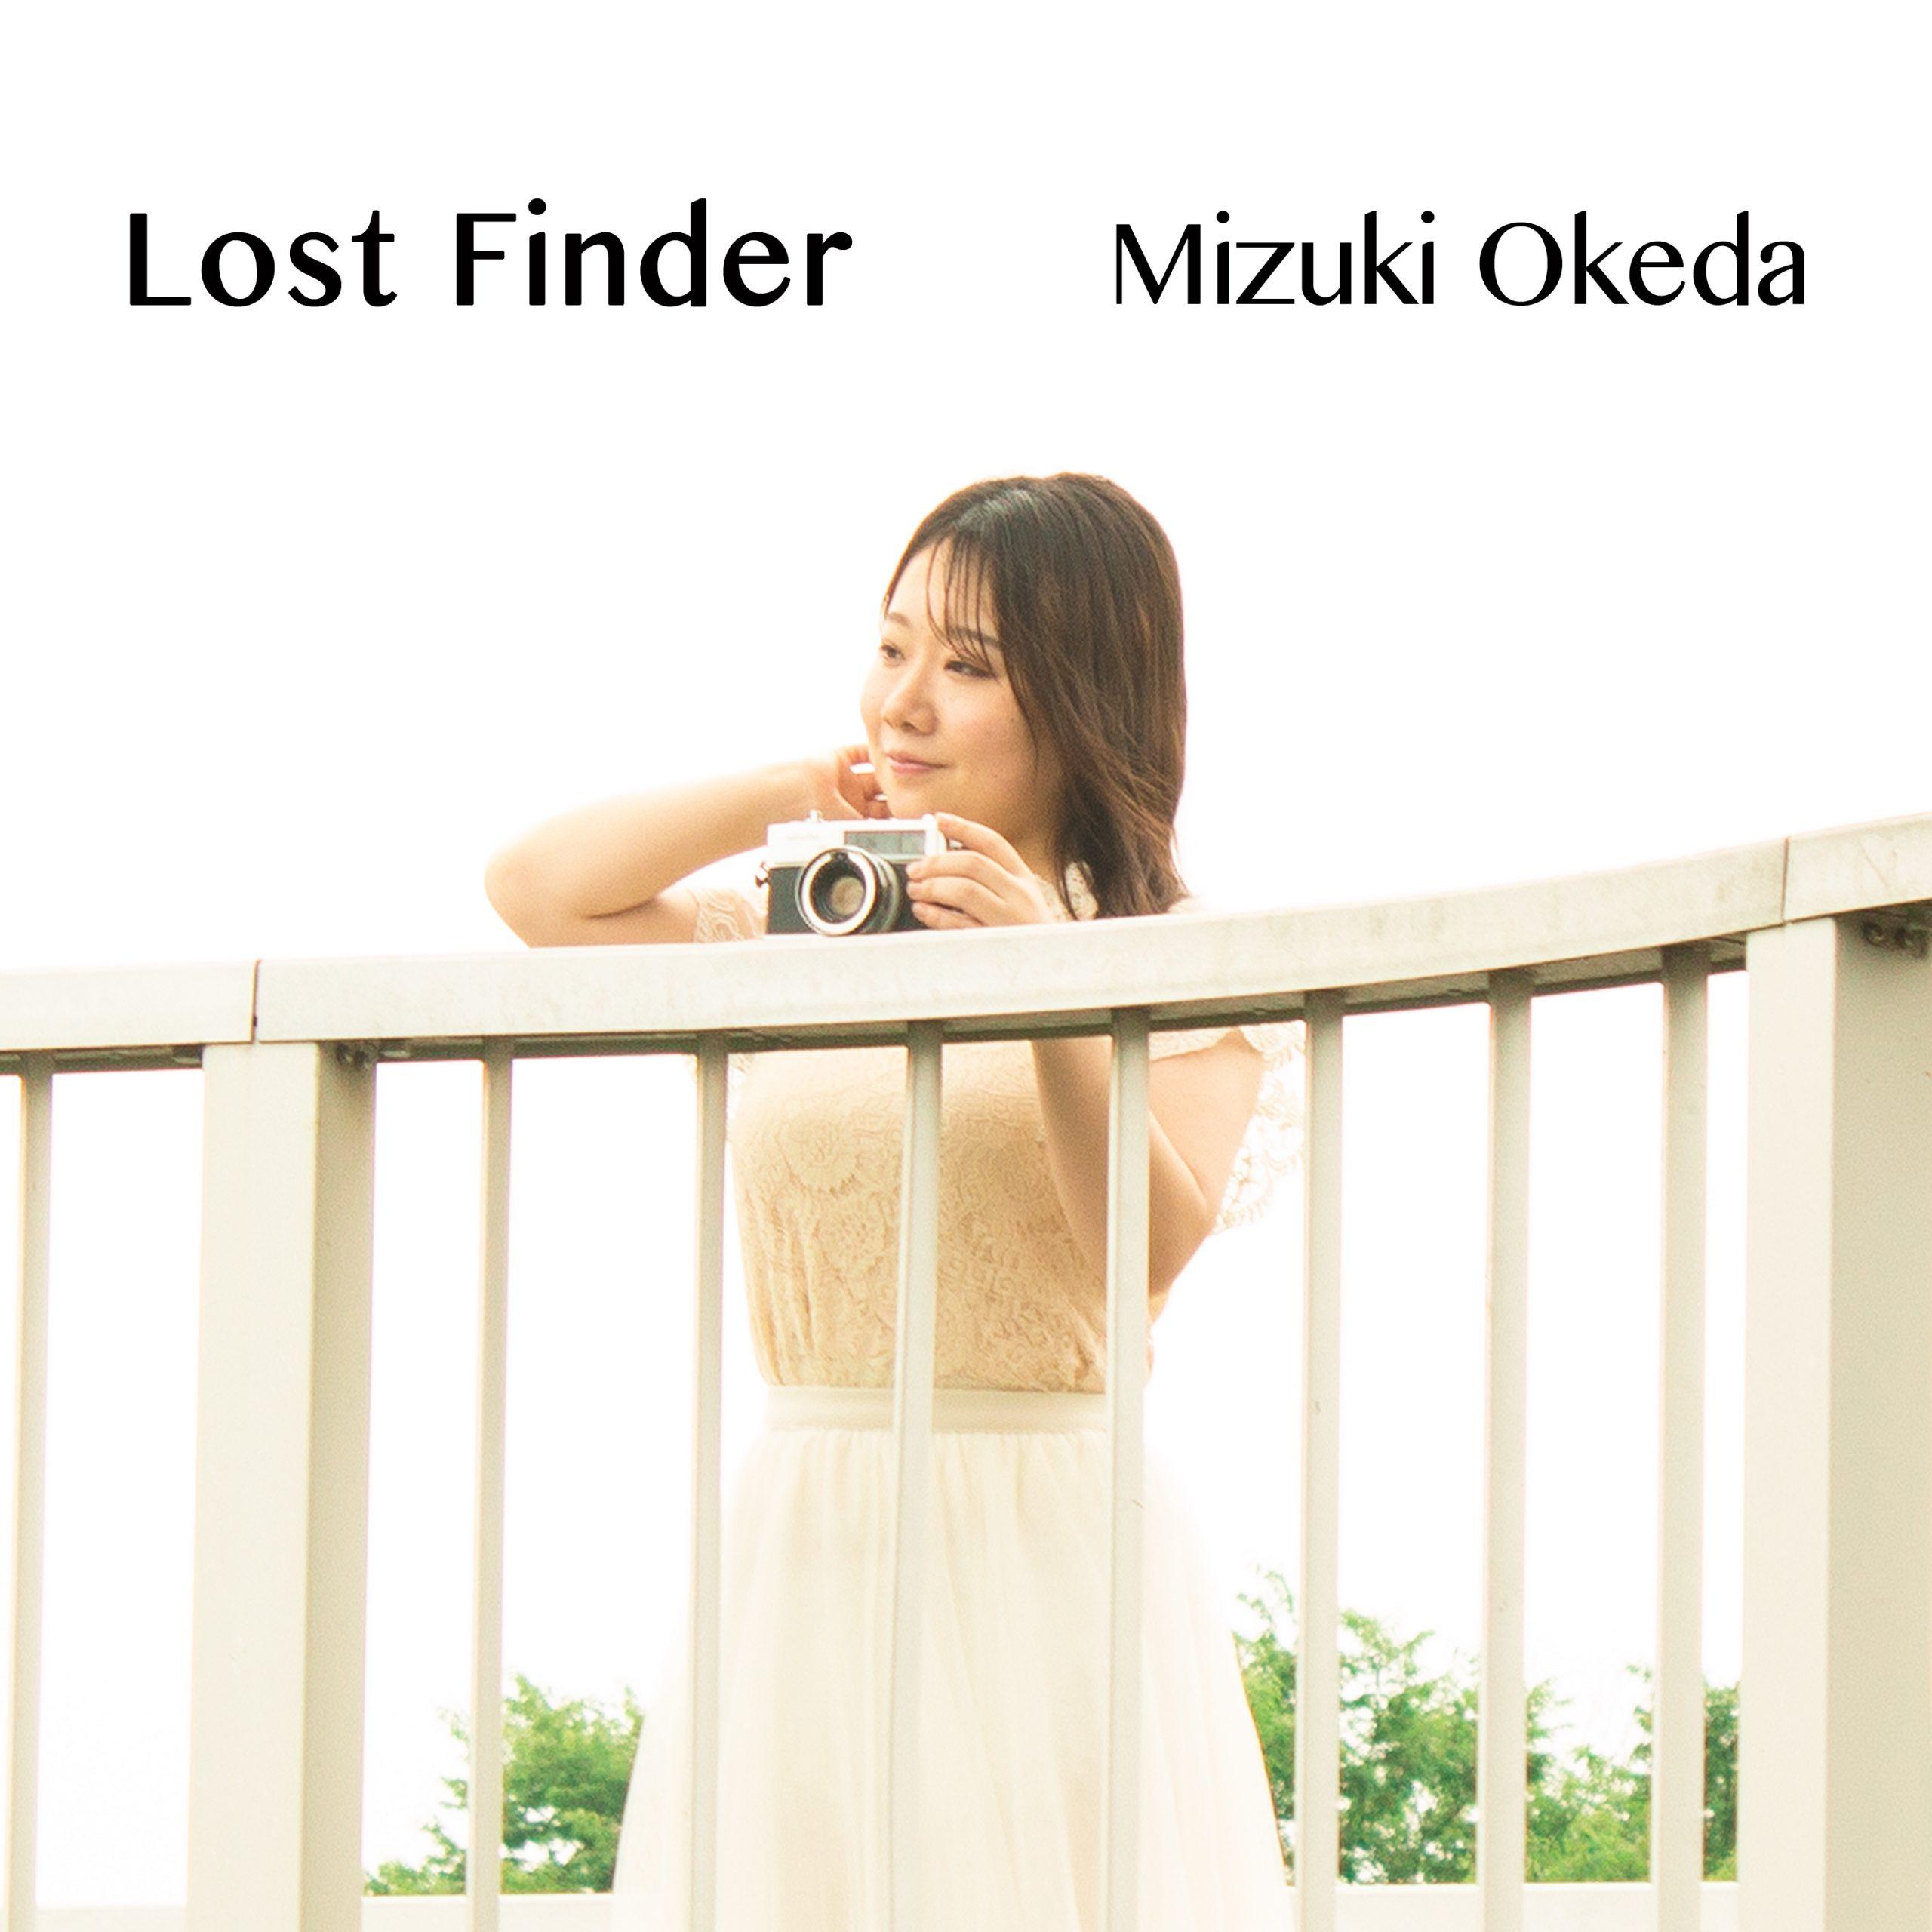 Lost Finder